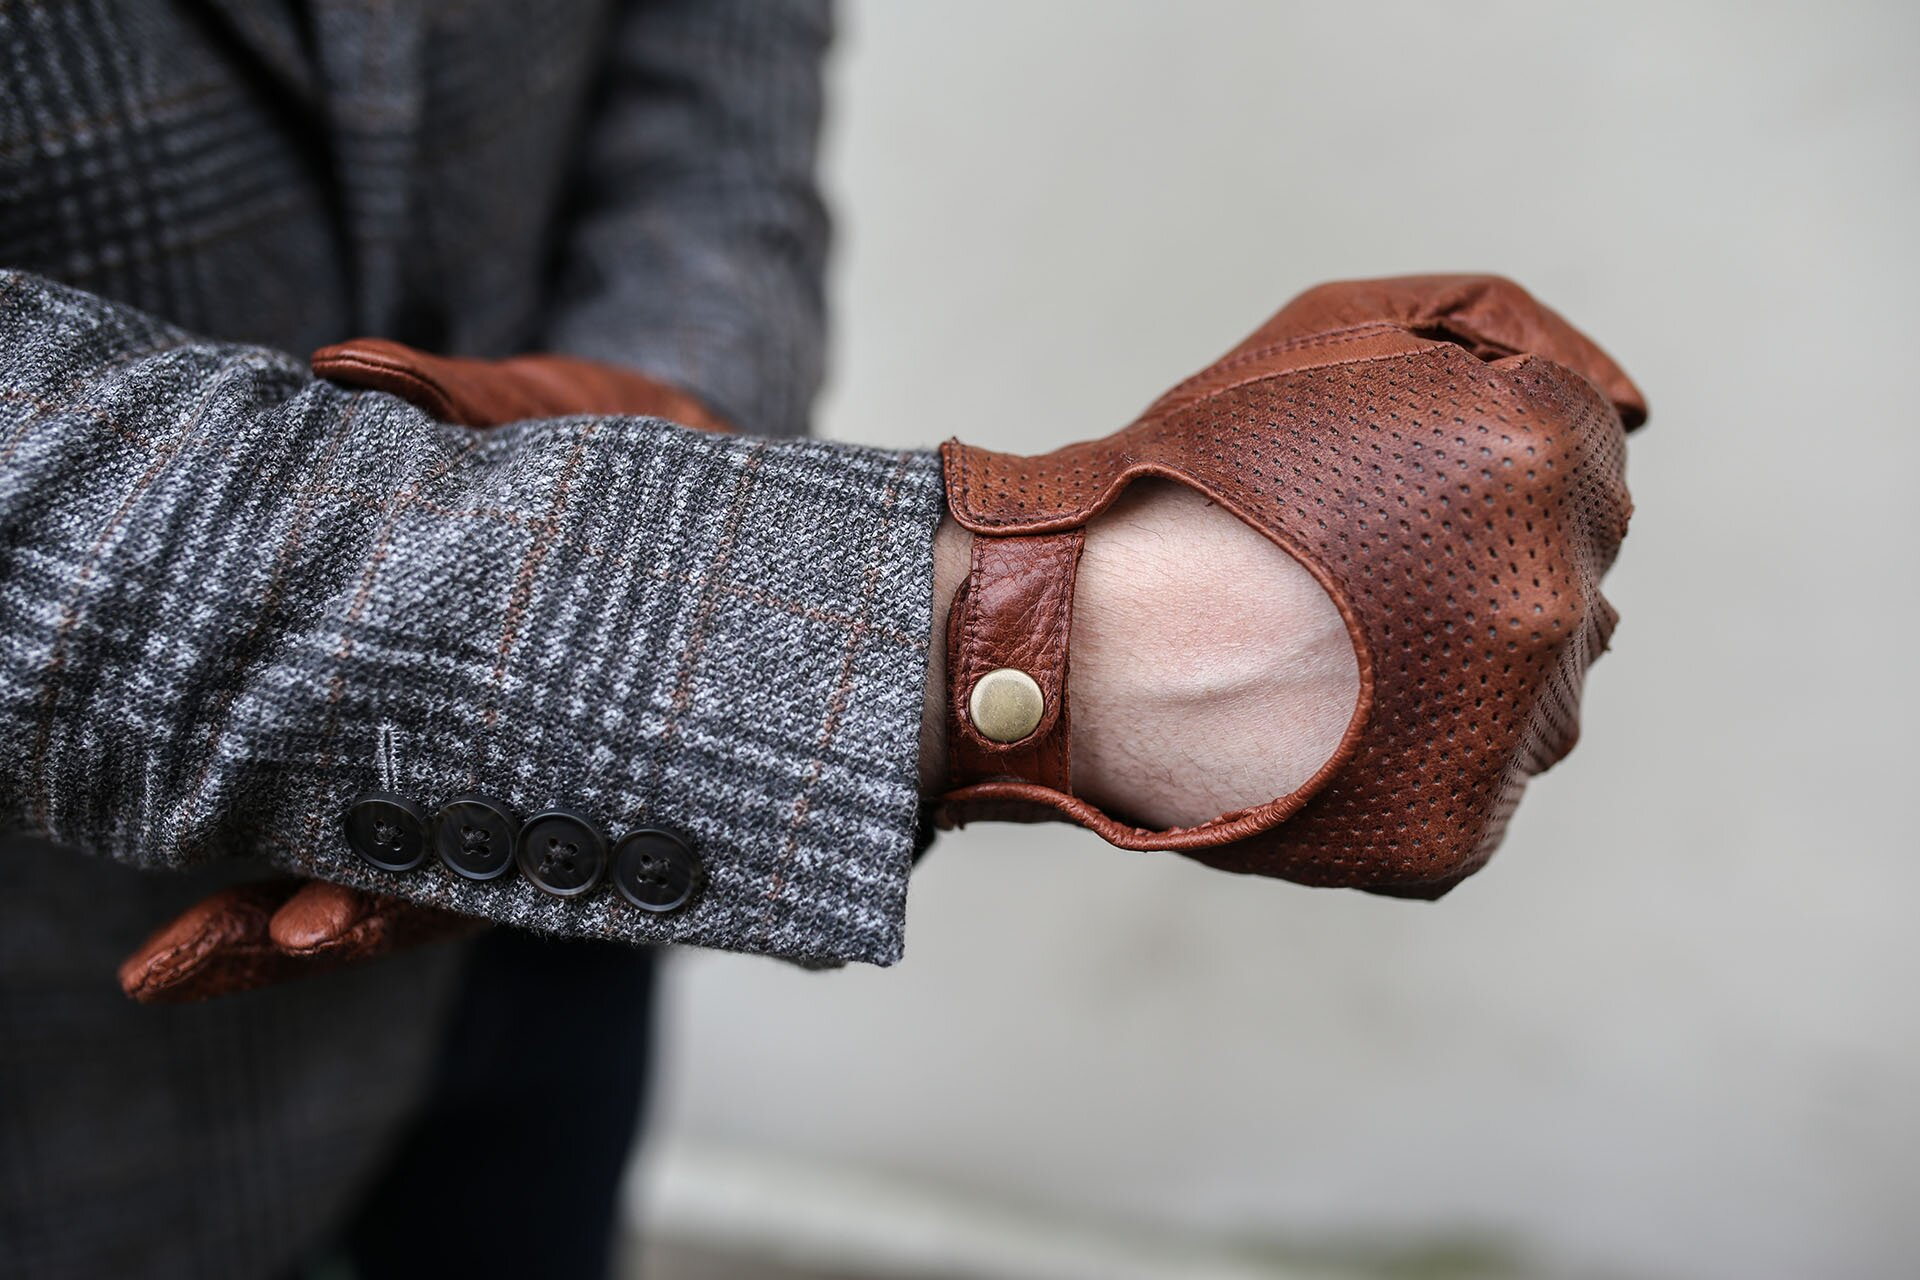 Skórzane rękawiczki męskie, Męskie rękawiczki, Blog o modzie męskiej, Moda męska, GMALE